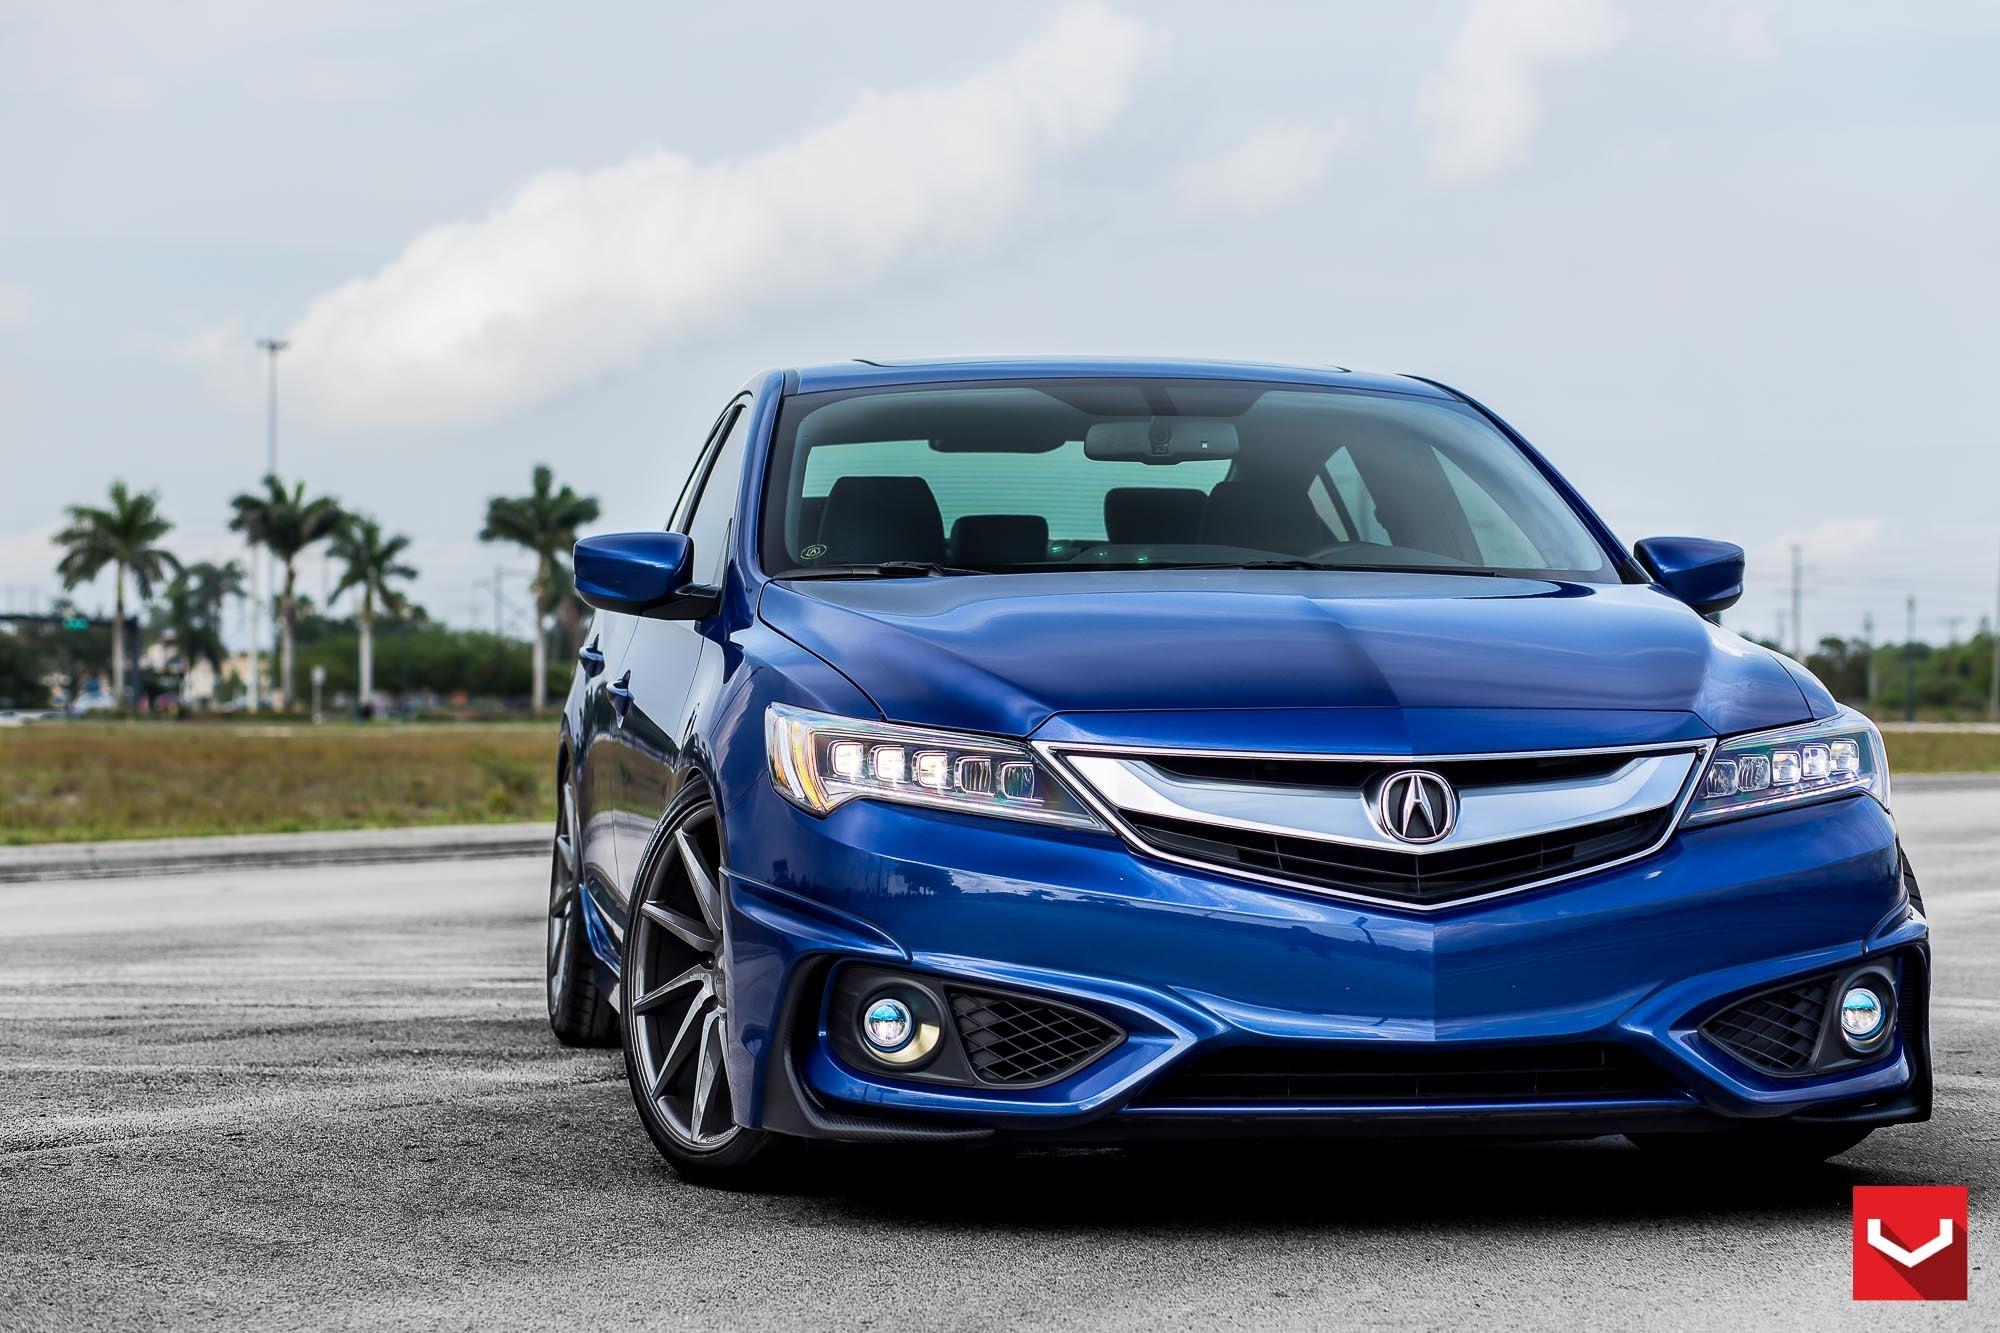 Custom Acura Ilx Images Mods Photos Upgrades Carid Com Gallery